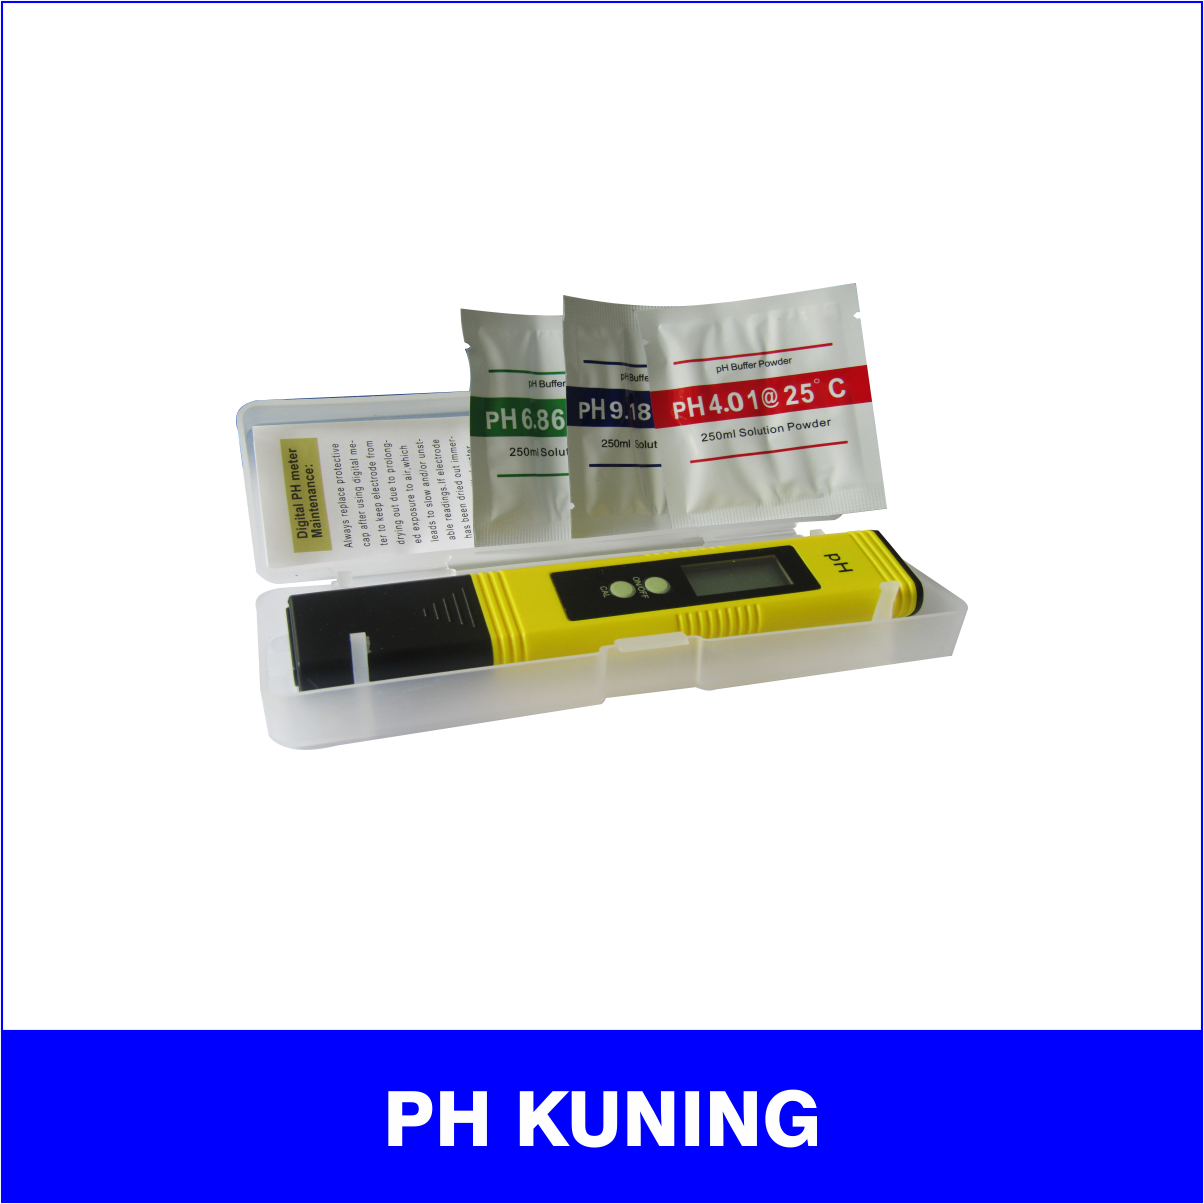 pH Kuning